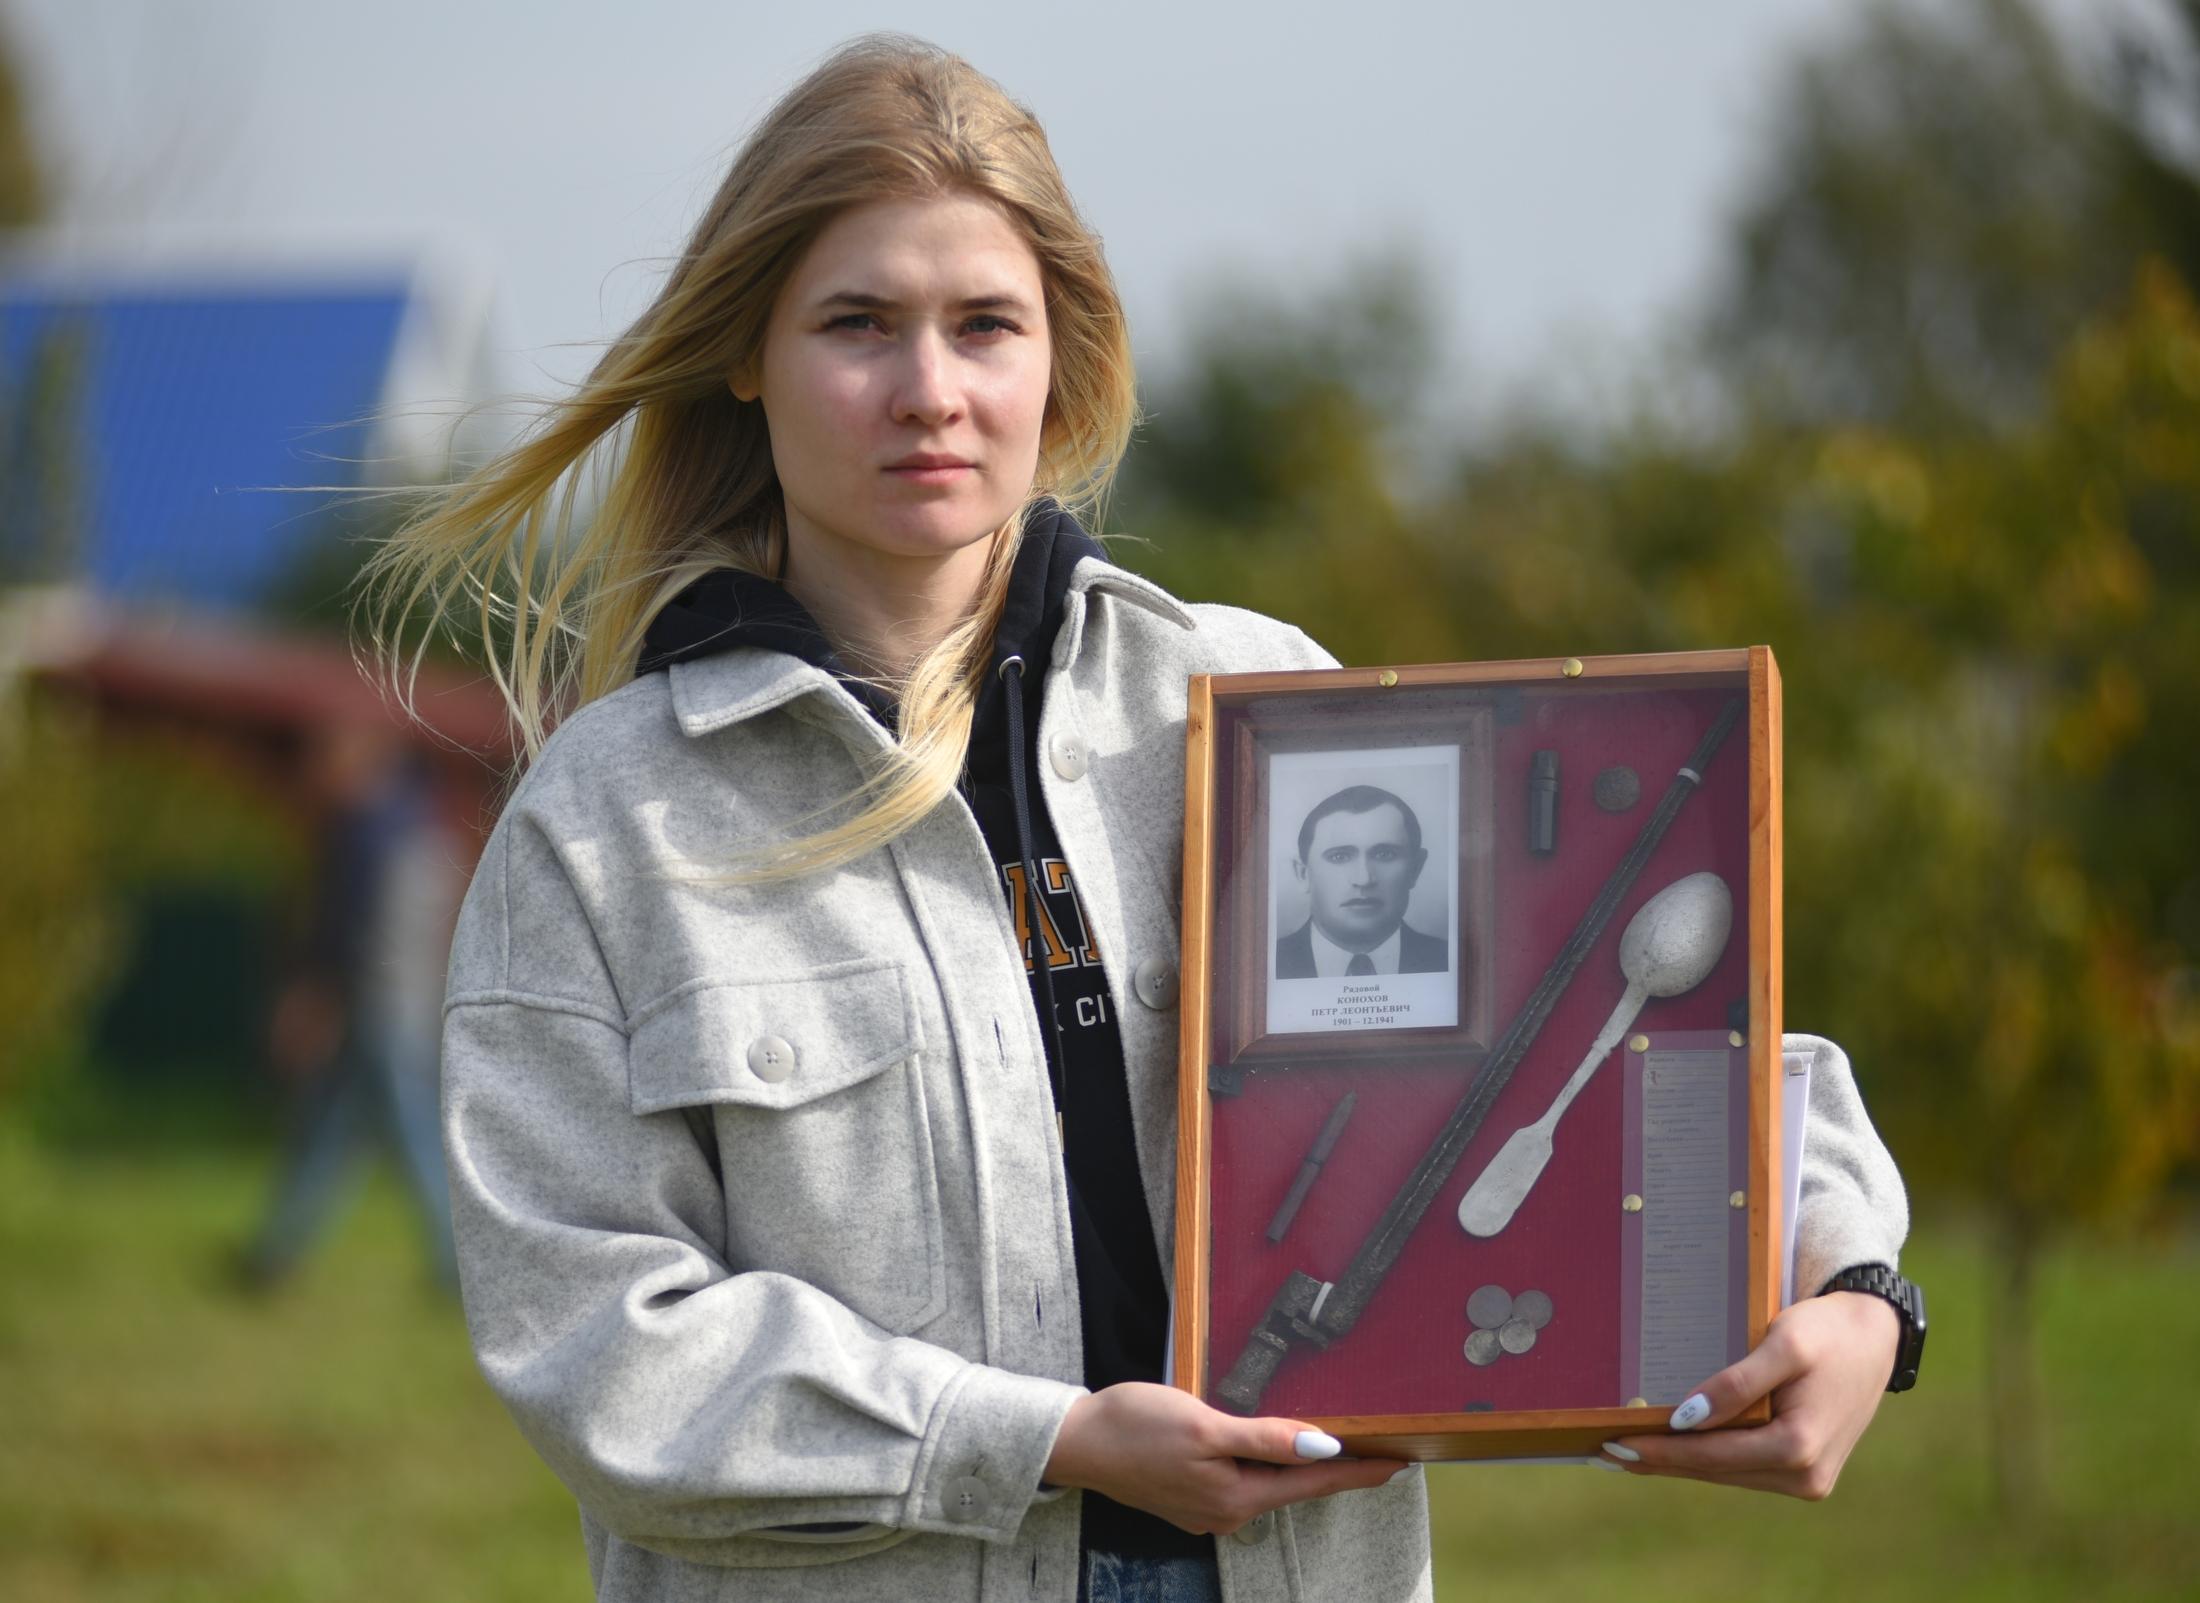 17 сентября 2020 года. Валентина Конохова с портретом прадеда и его личными вещами, найденными поисковиками. Фото: Александр Кожохин